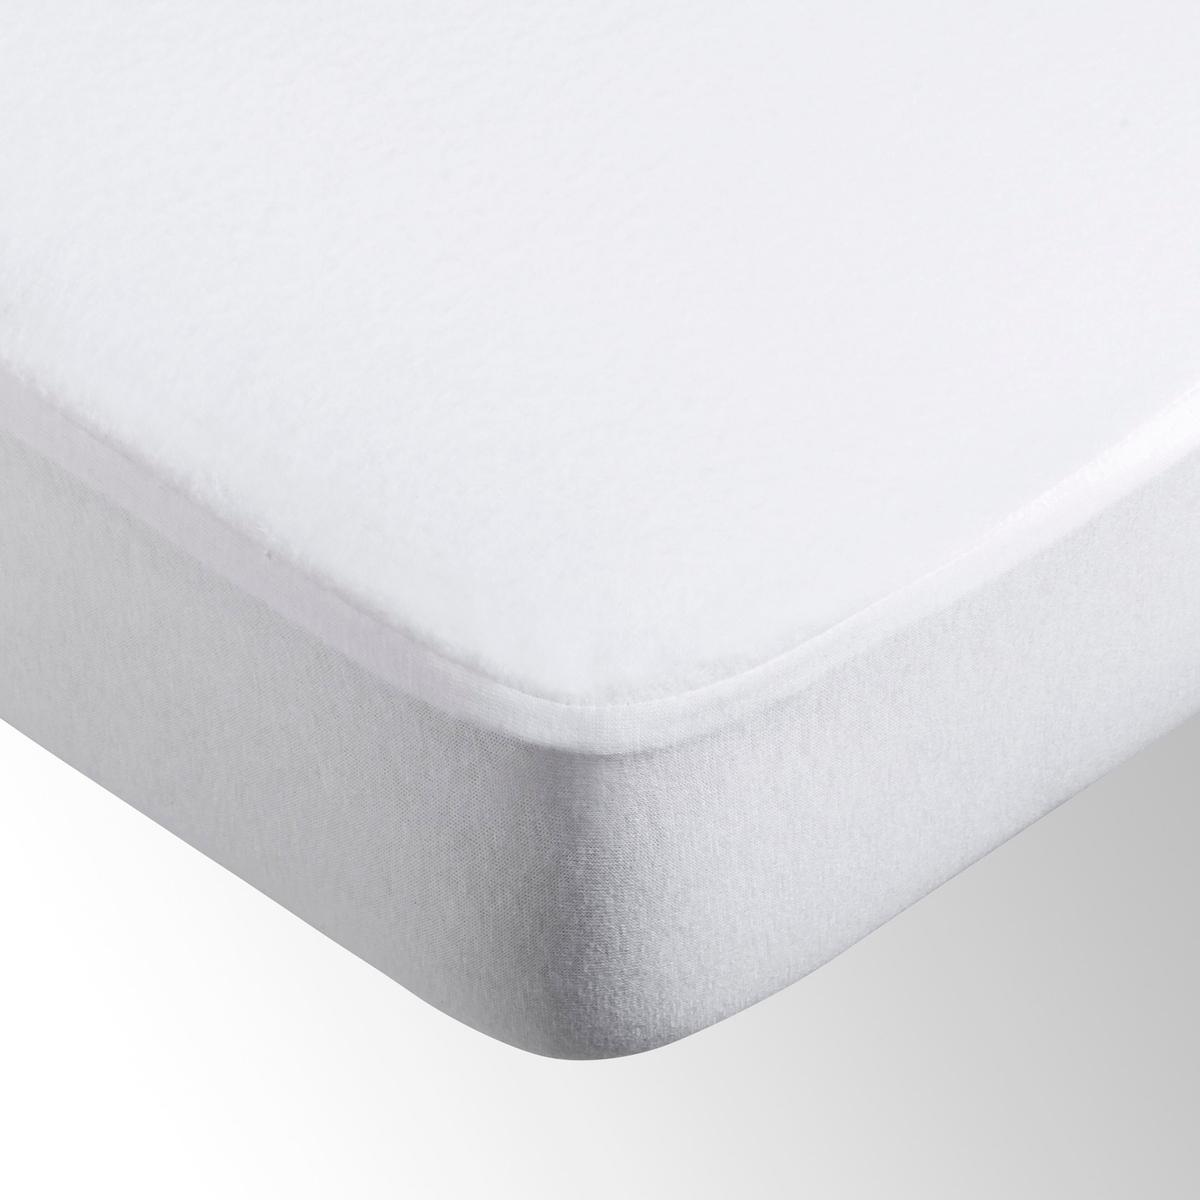 цена на Чехол La Redoute Защитный для матраса непромокаемый из эластичной микрофибры 90 x 190 см белый